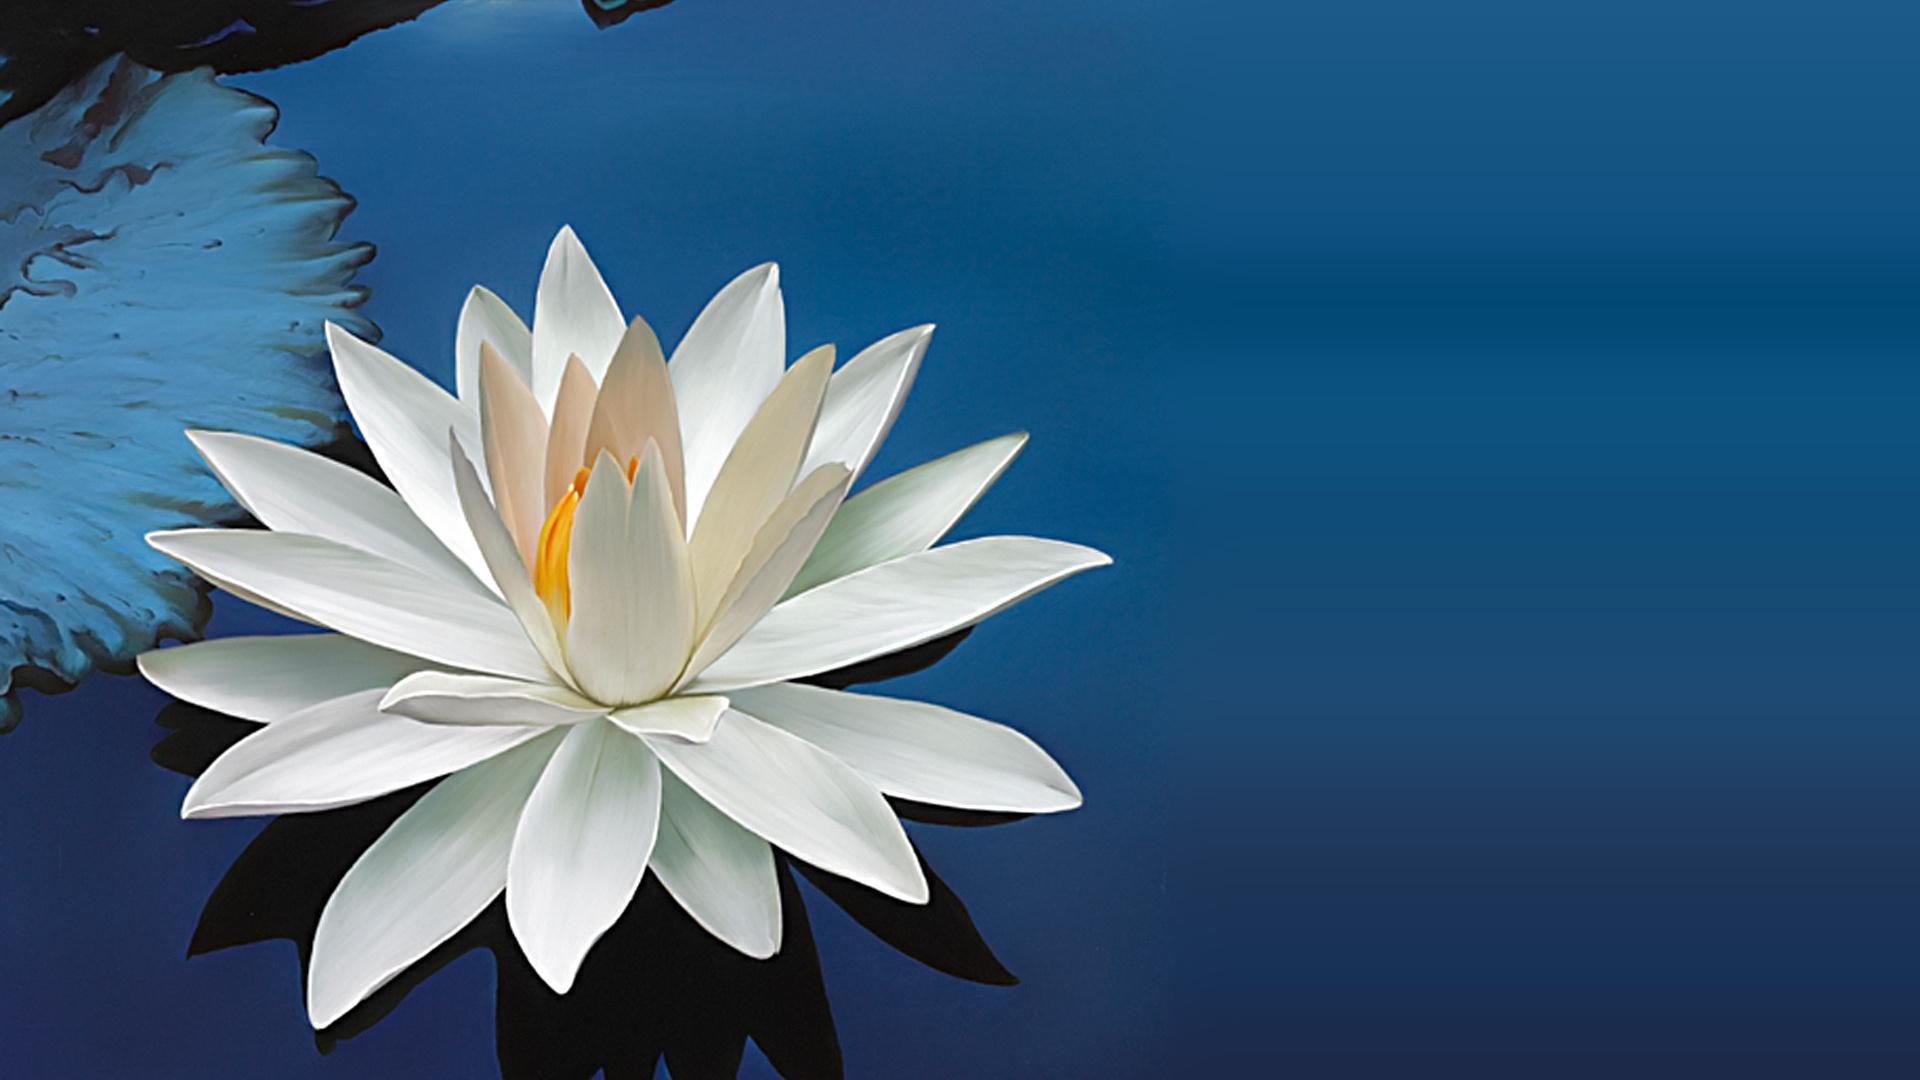 открытки с днем рождения цветы лотос прошли третий